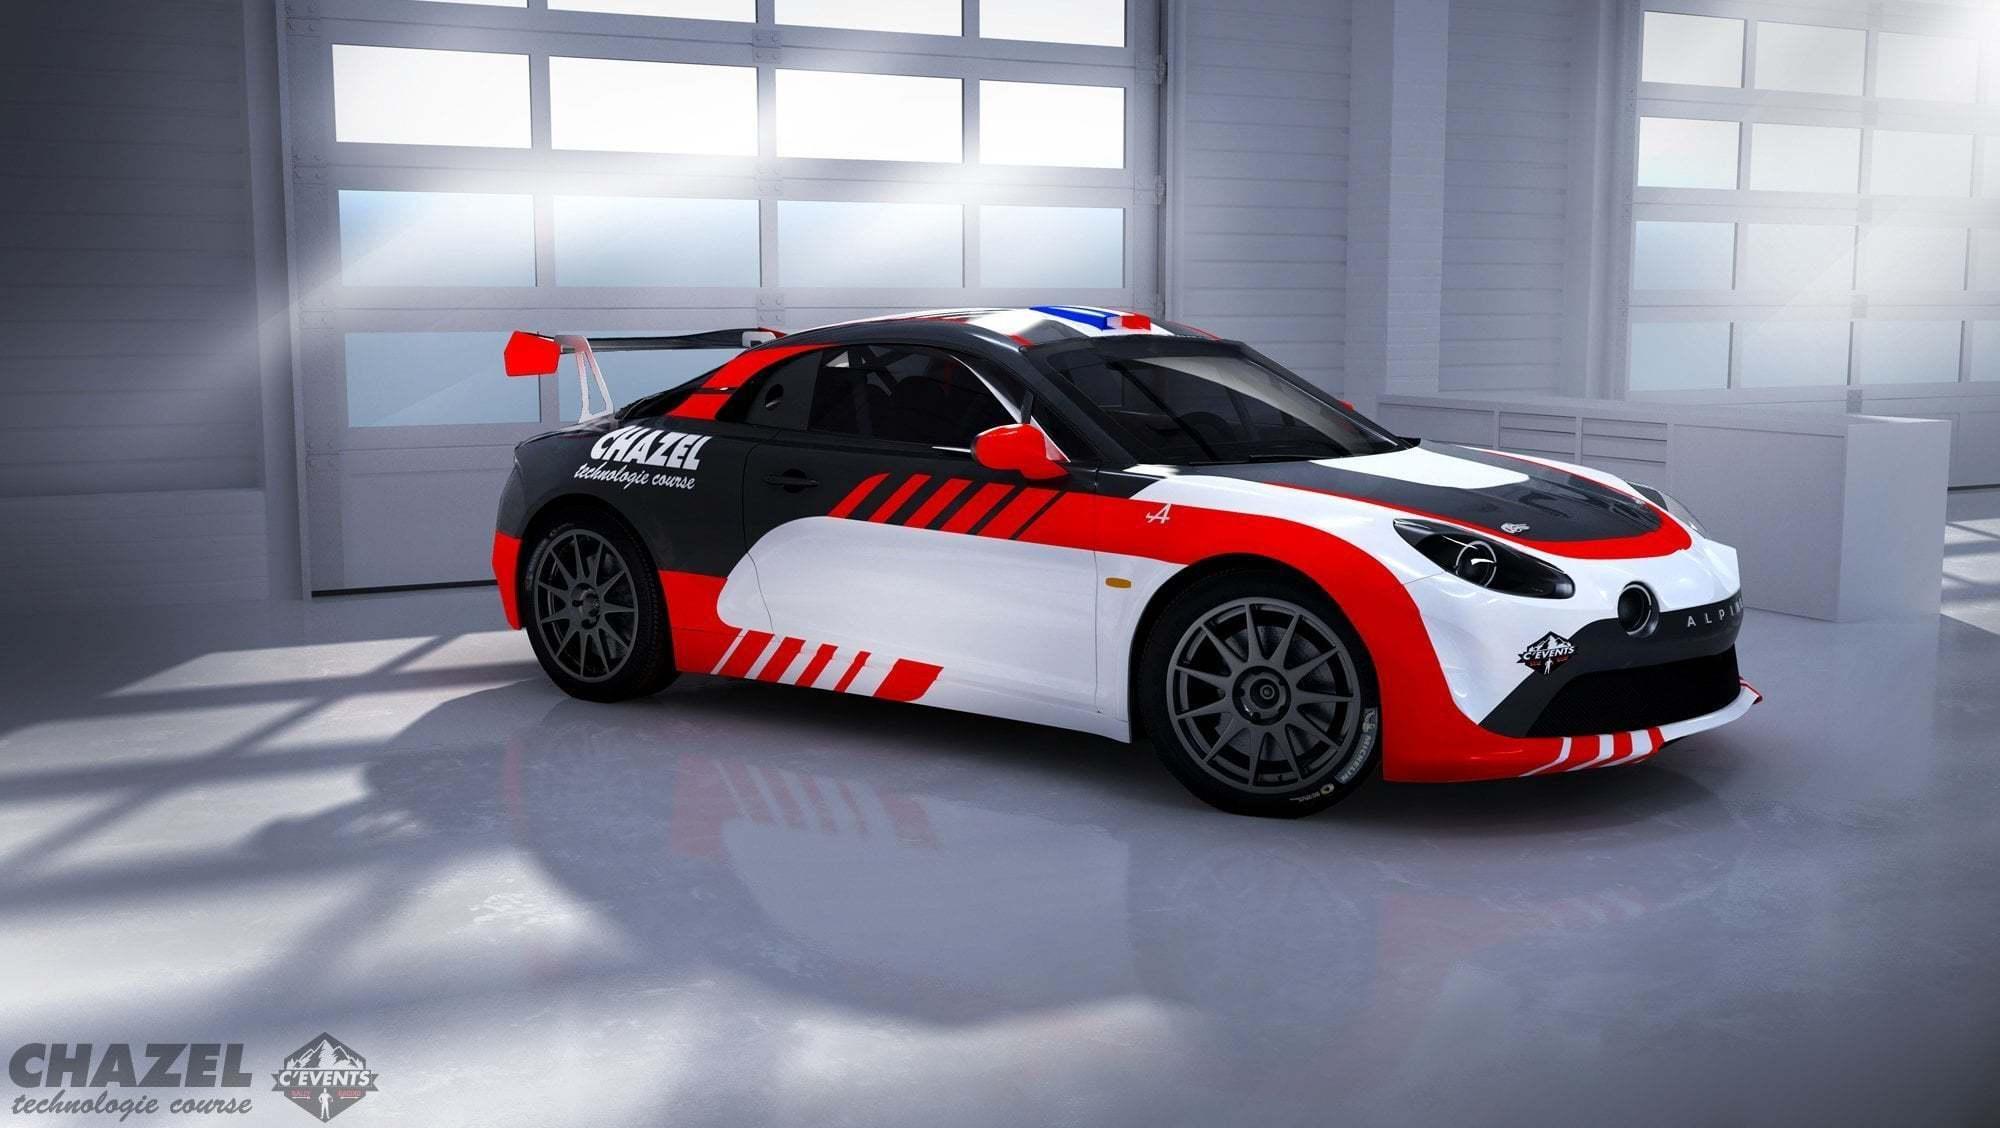 Le Team Chazel Technologie Course engagera une Alpine A110 R-GT en 2020 1